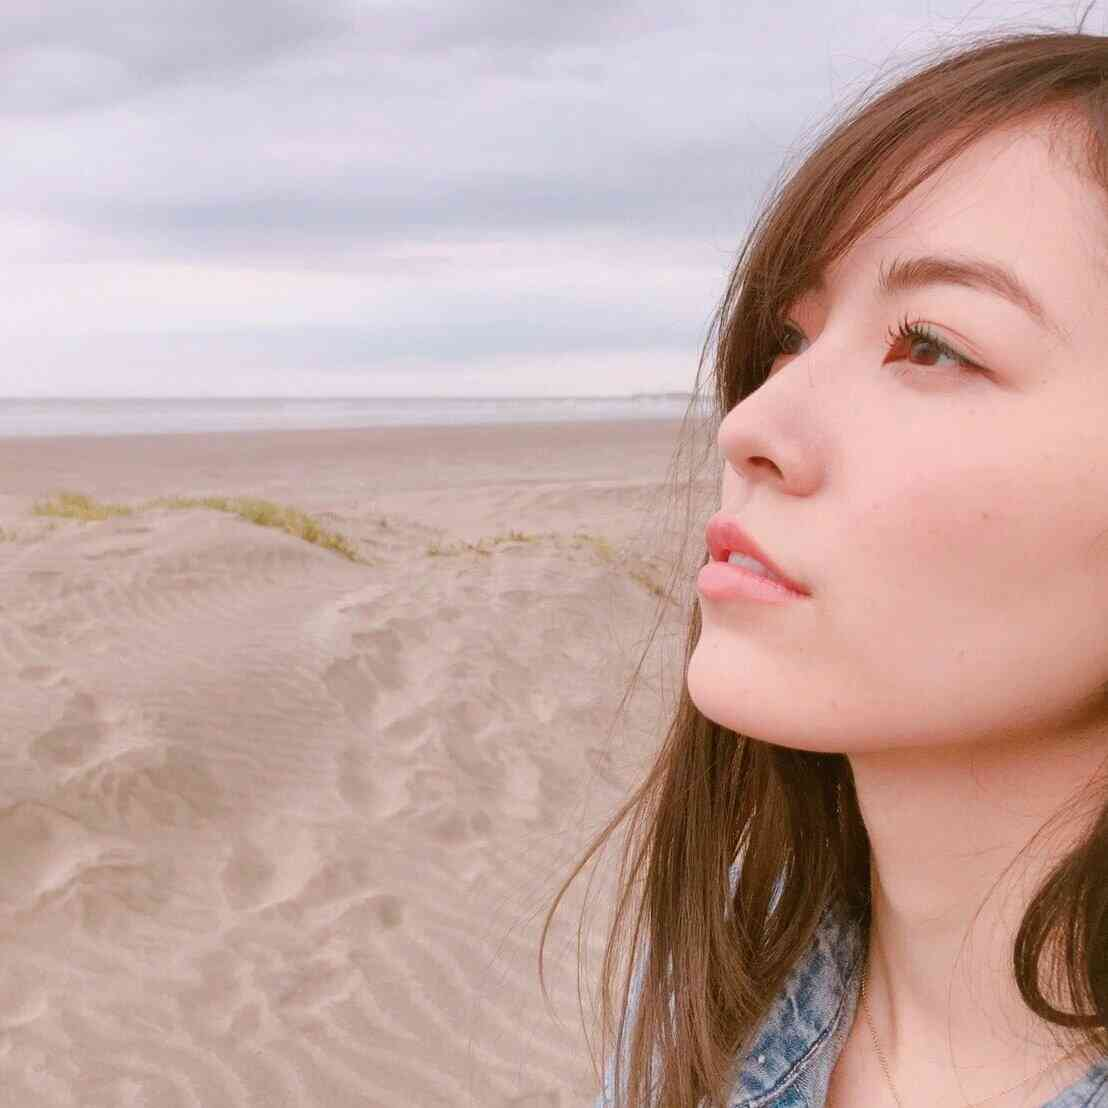 松井珠理奈、総選挙に危機?「デートなう」画像が拡散されず「本当に人気あるの?」